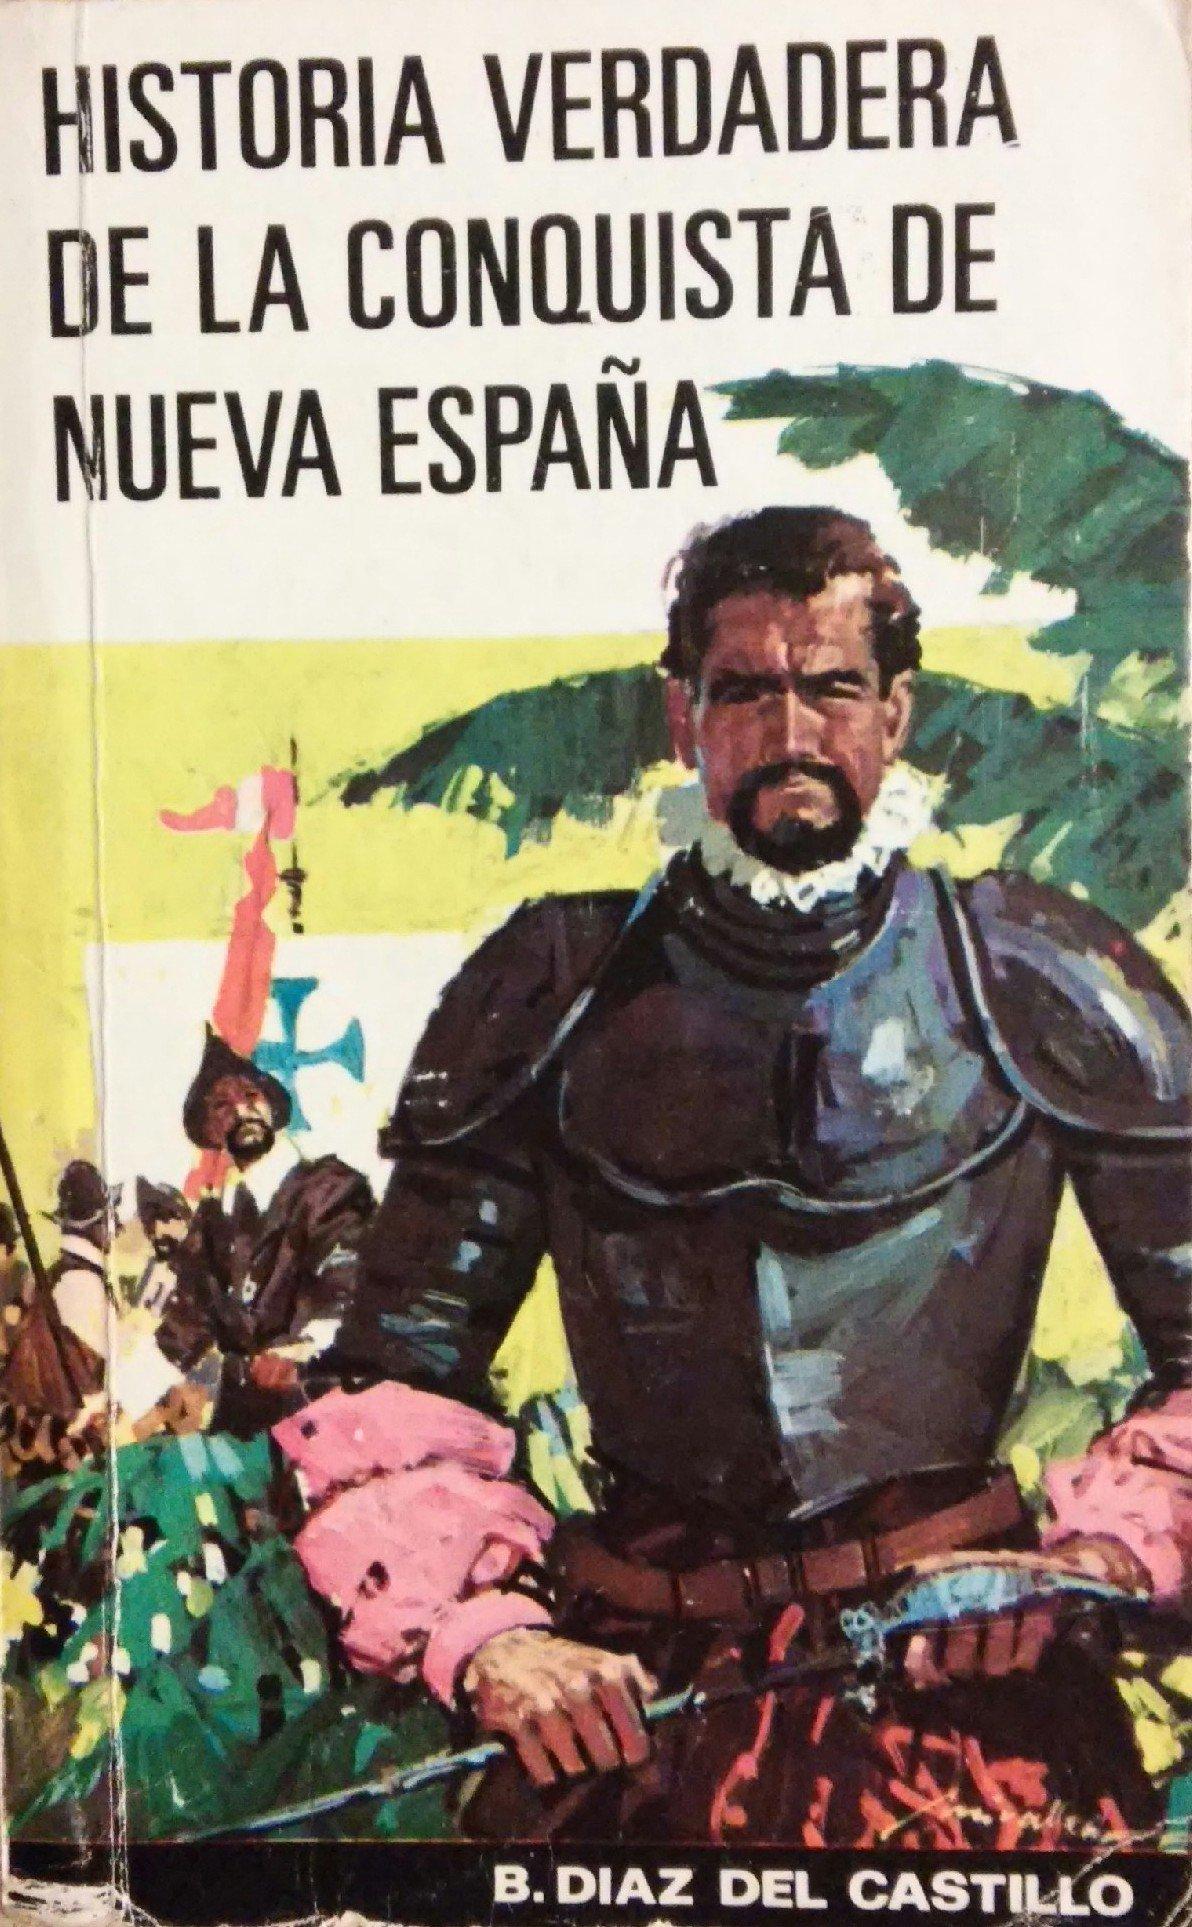 Historia verdadera conquista nuevaespaña: Amazon.es: Diaz Del Castillo, Bernal: Libros